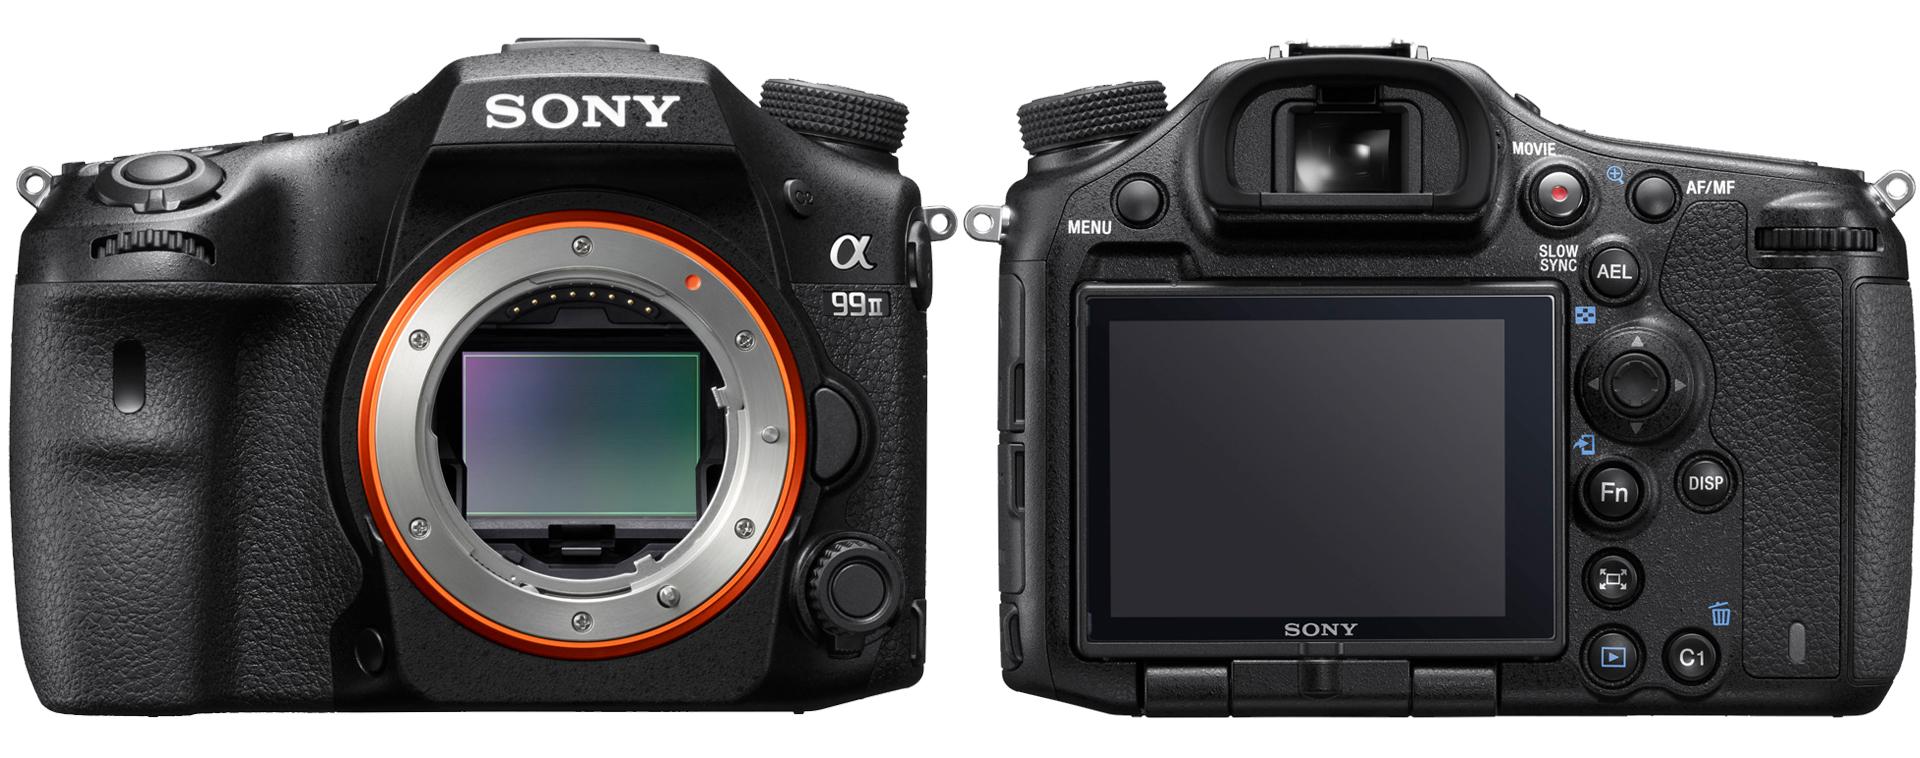 Sony A99 Ii >> Sony A99 Ii Vs Sony A7r Ii Slt Aynasiza Karsi Mediatrend